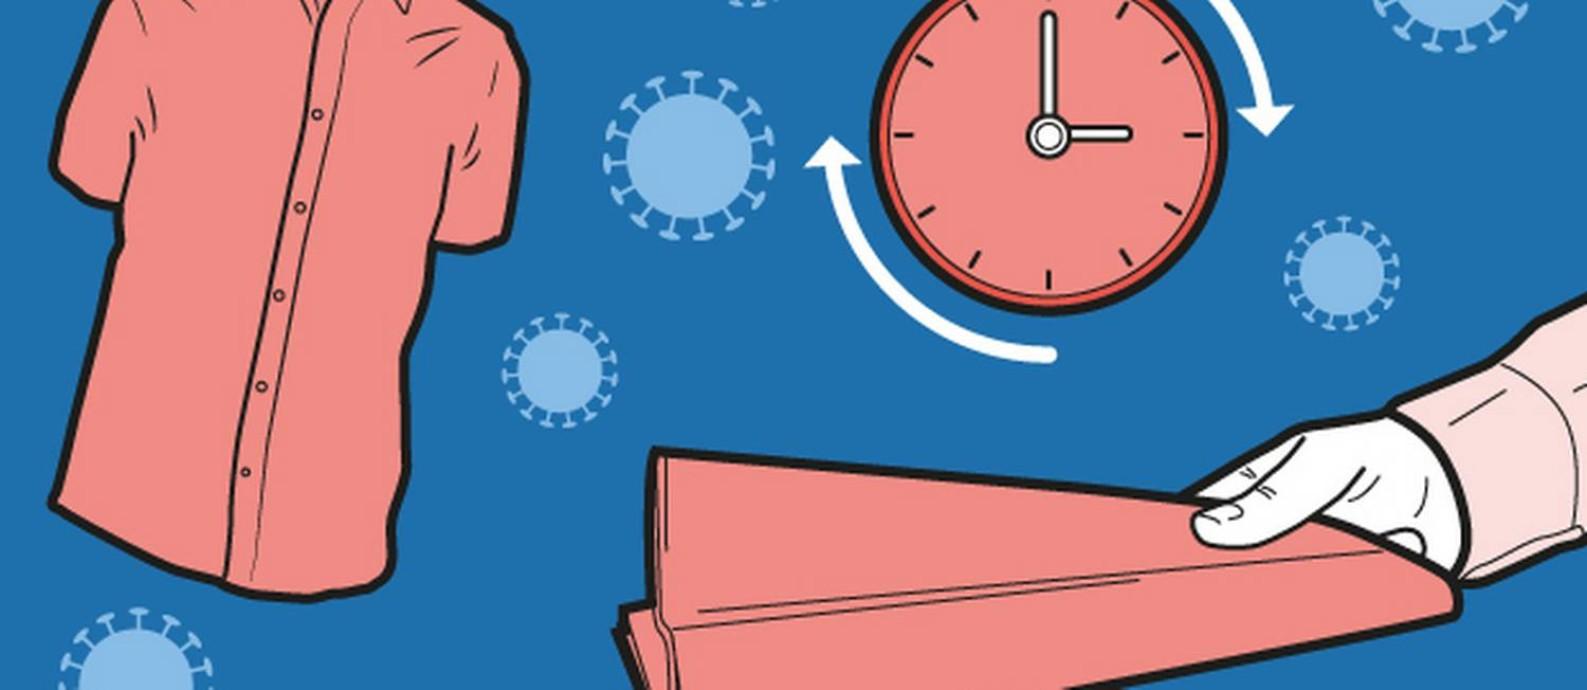 Novo coronavírus pode sobreviver por períodos diferentes fora do corpo humano, dependendo da superfície em que repousa Foto: Editoria de arte